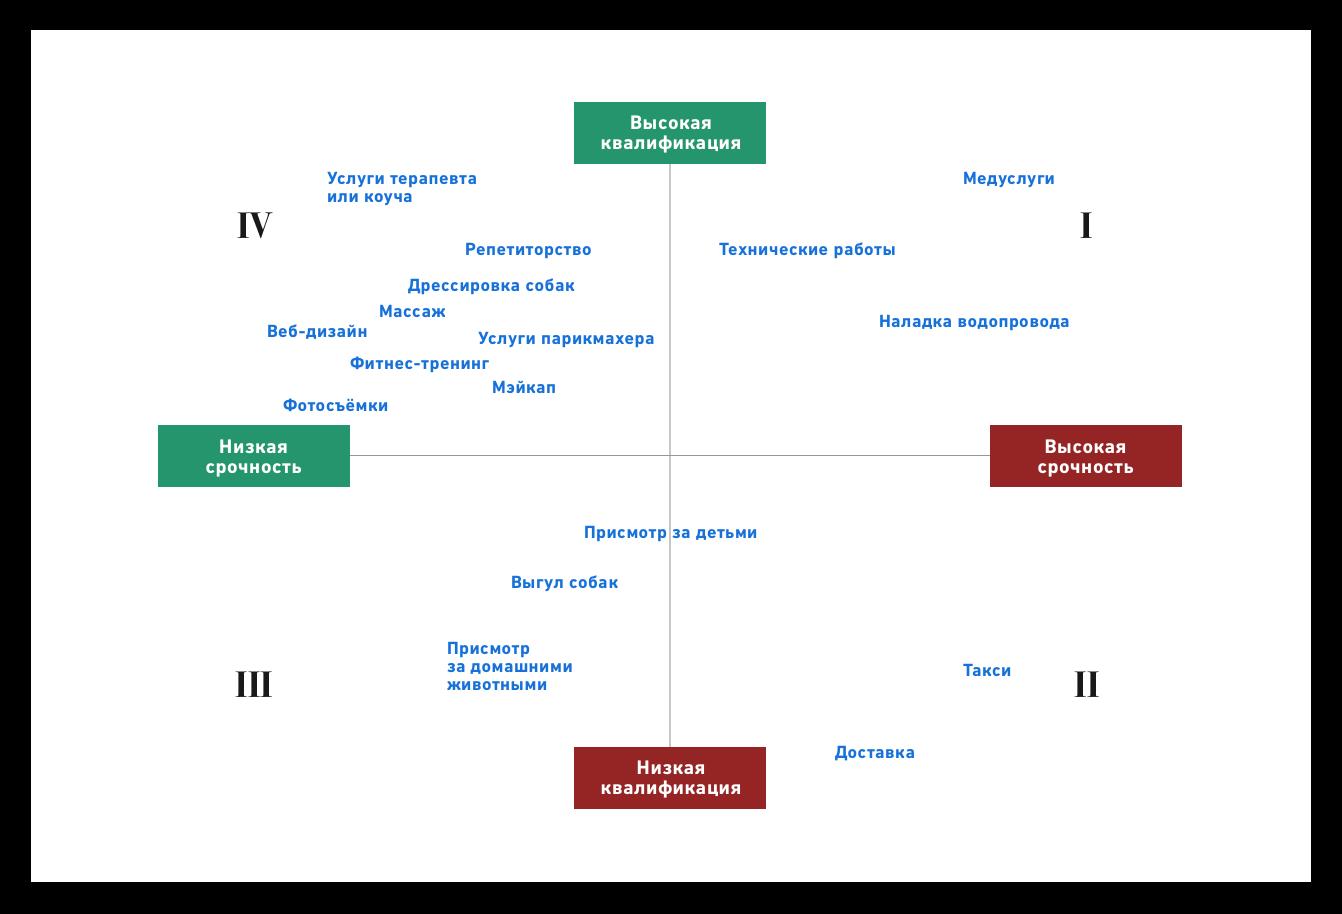 График Отношения квалификации и срочности